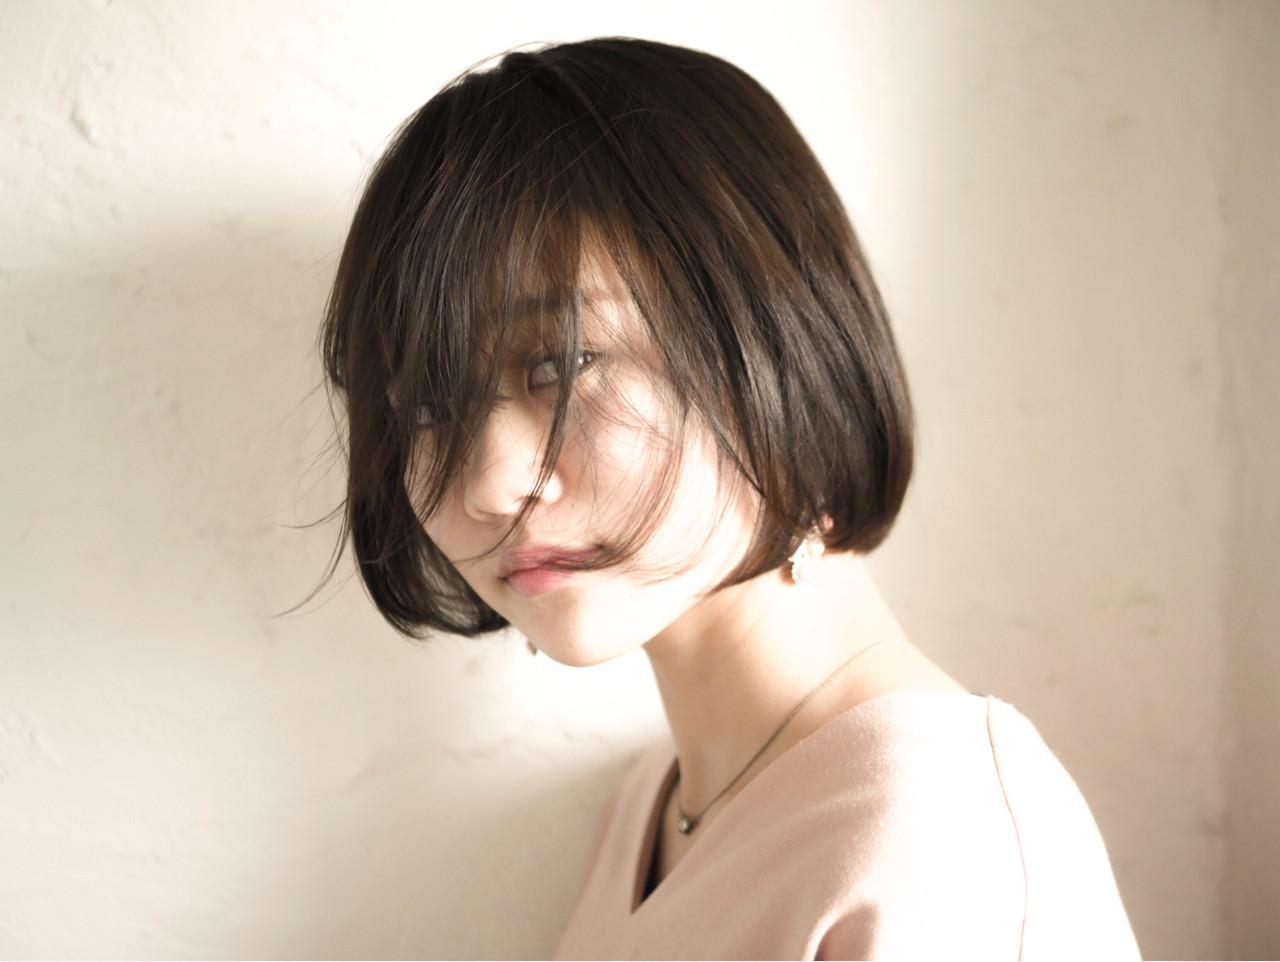 モード ボブ ヘアスタイルや髪型の写真・画像[エリア]